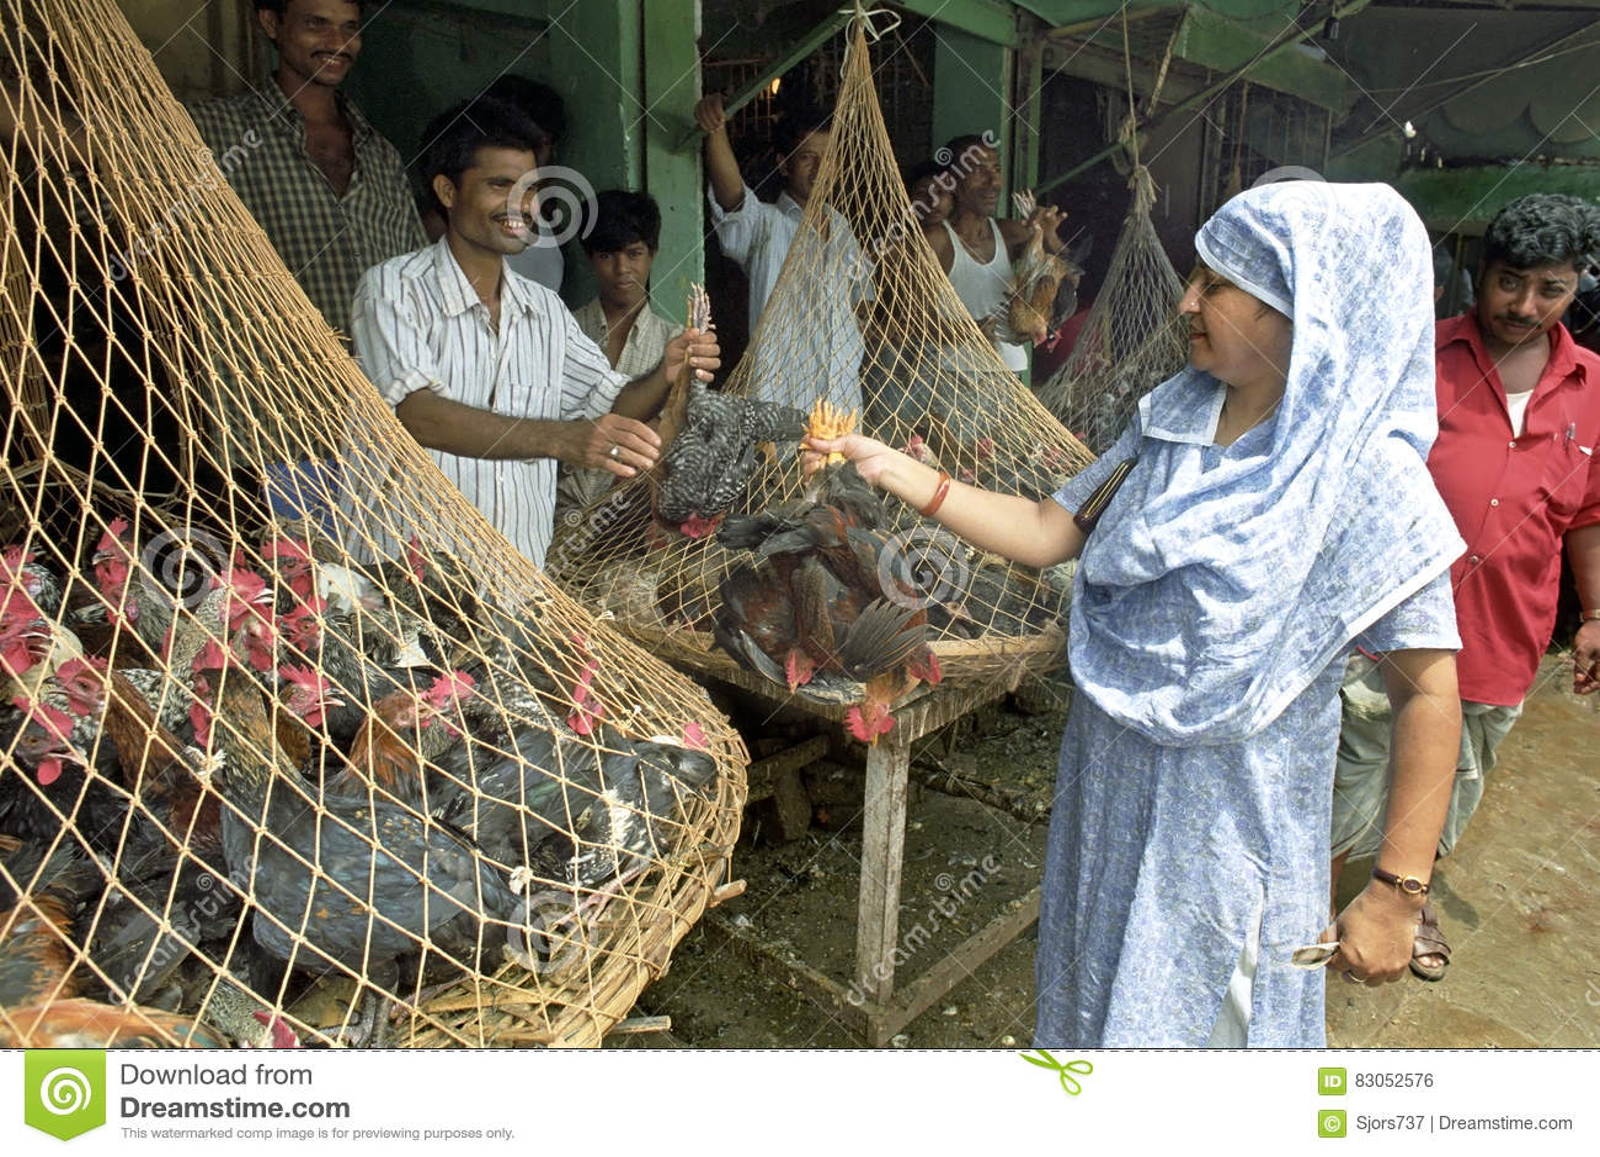 poultry farming business plan in bangladesh dhaka